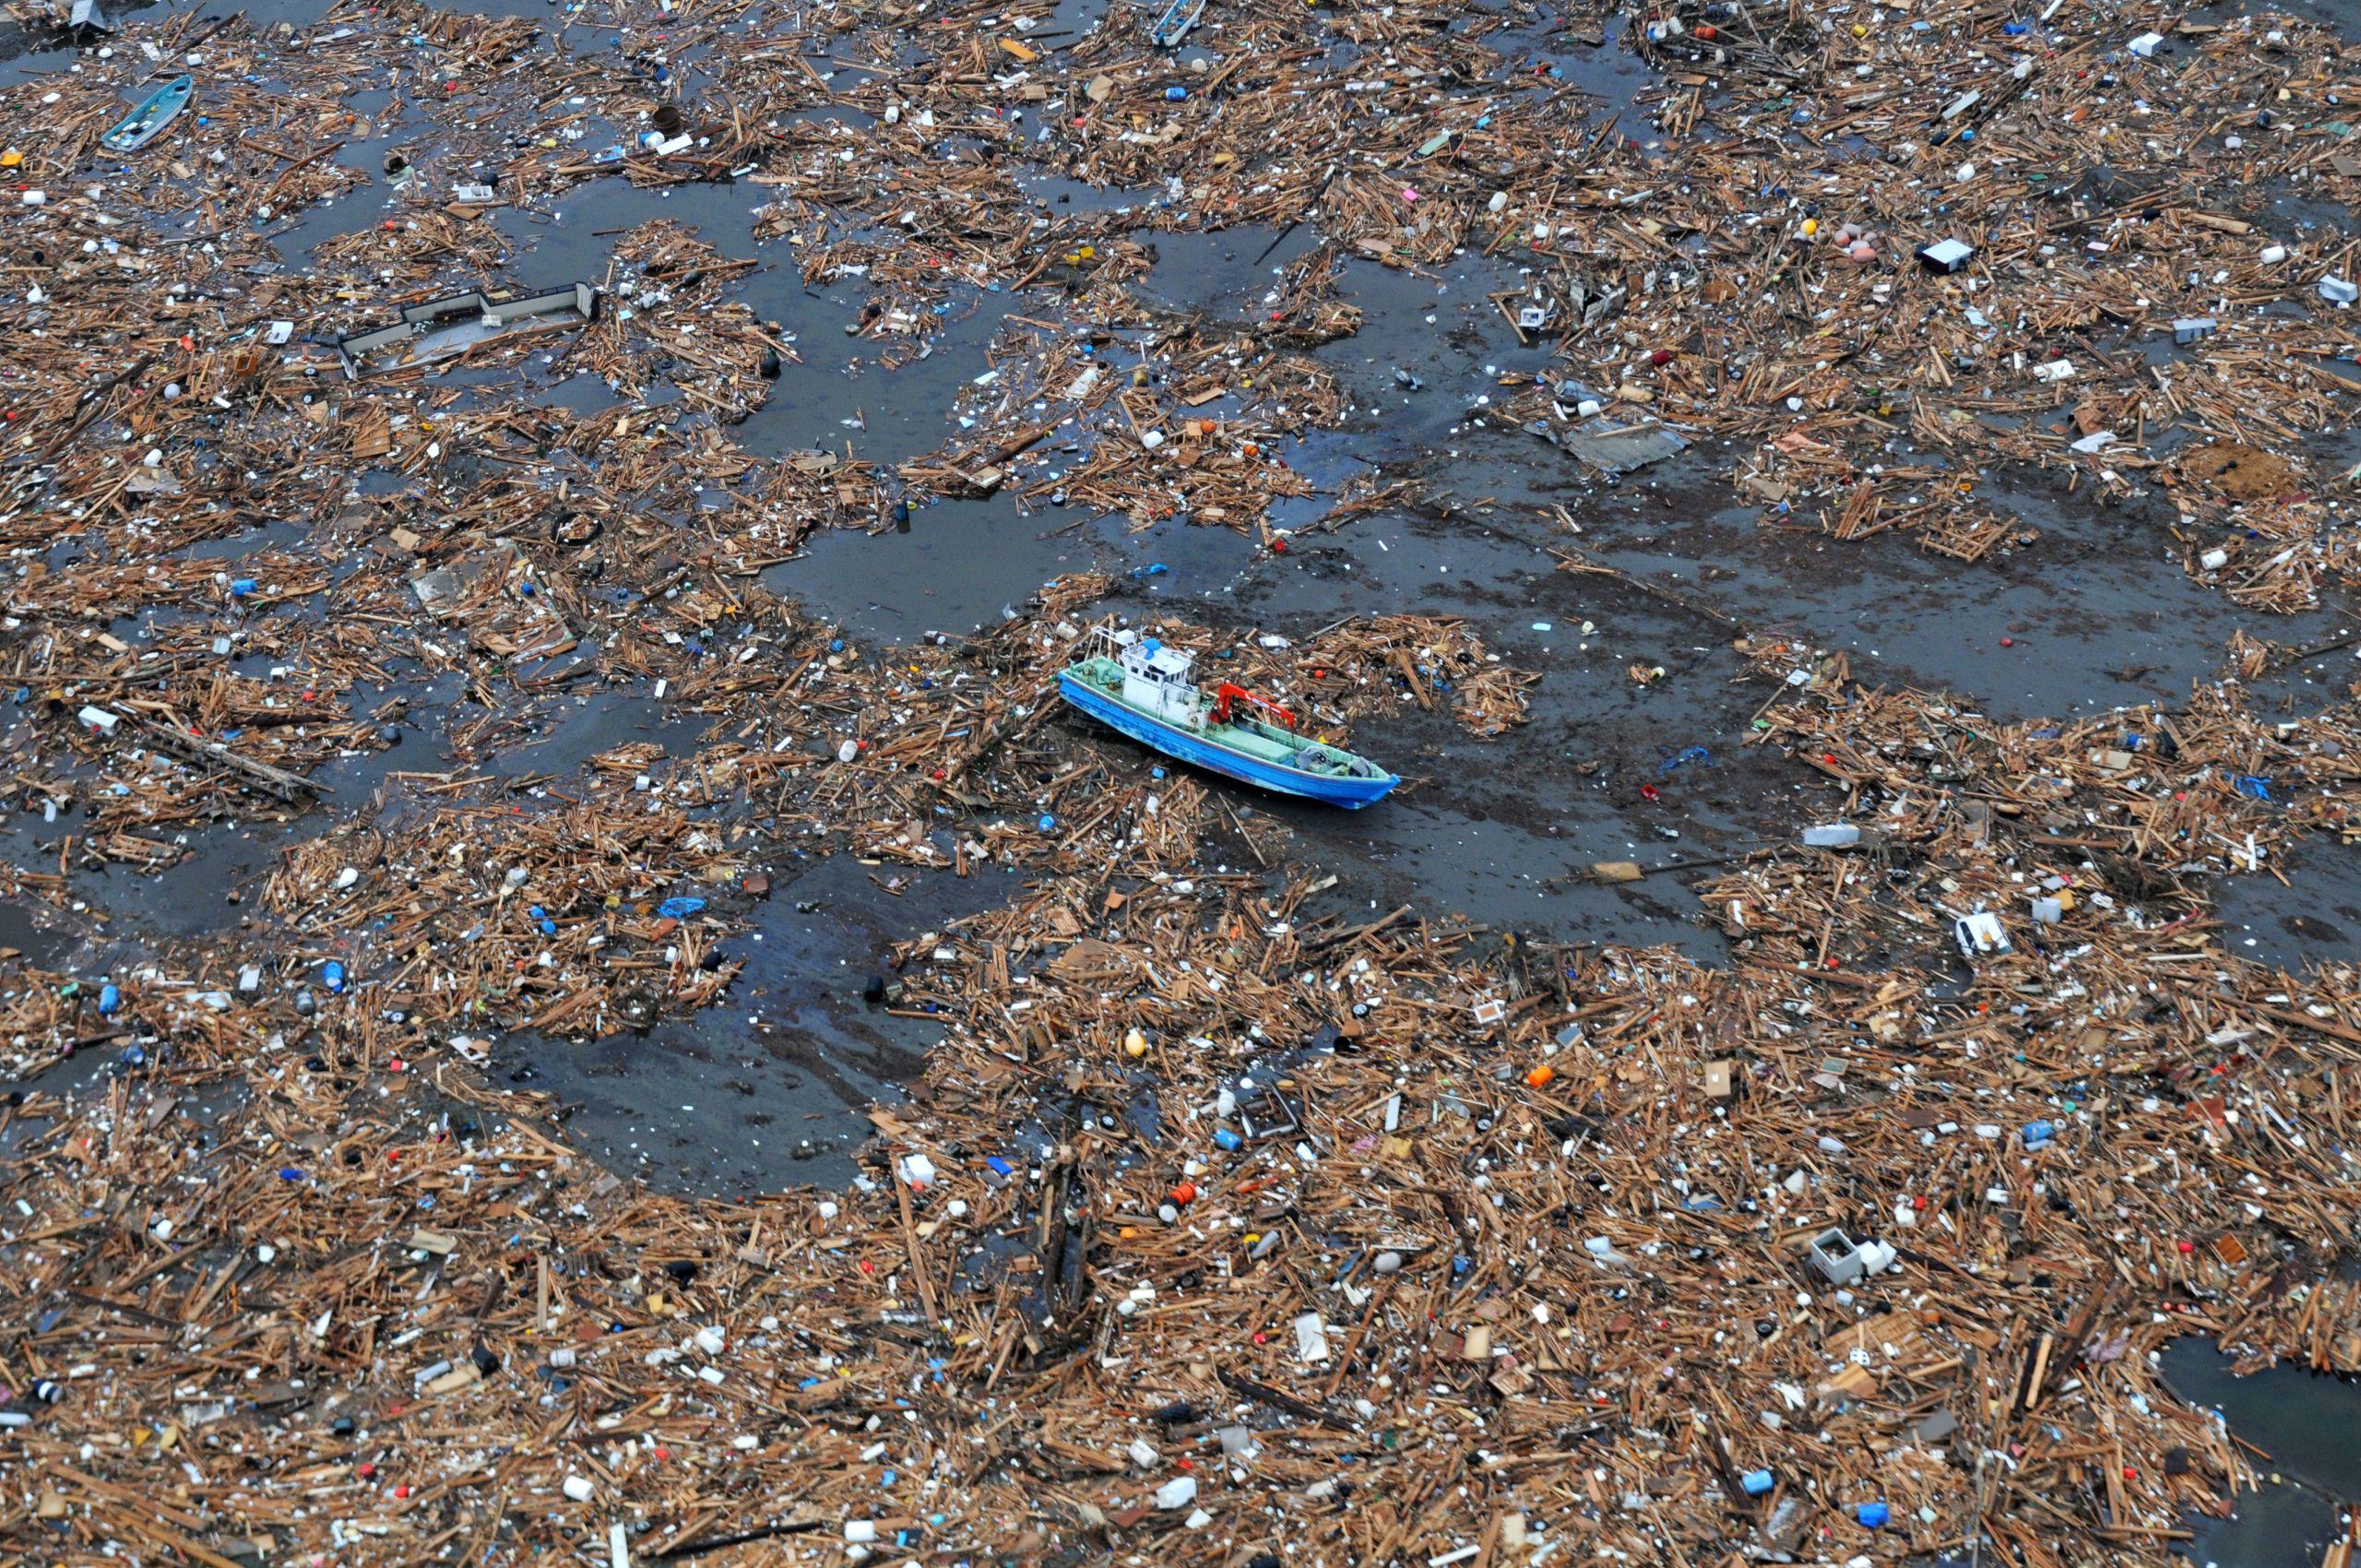 Mares de plástico: cómo afecta este fenómeno y cómo podemos evitarlo